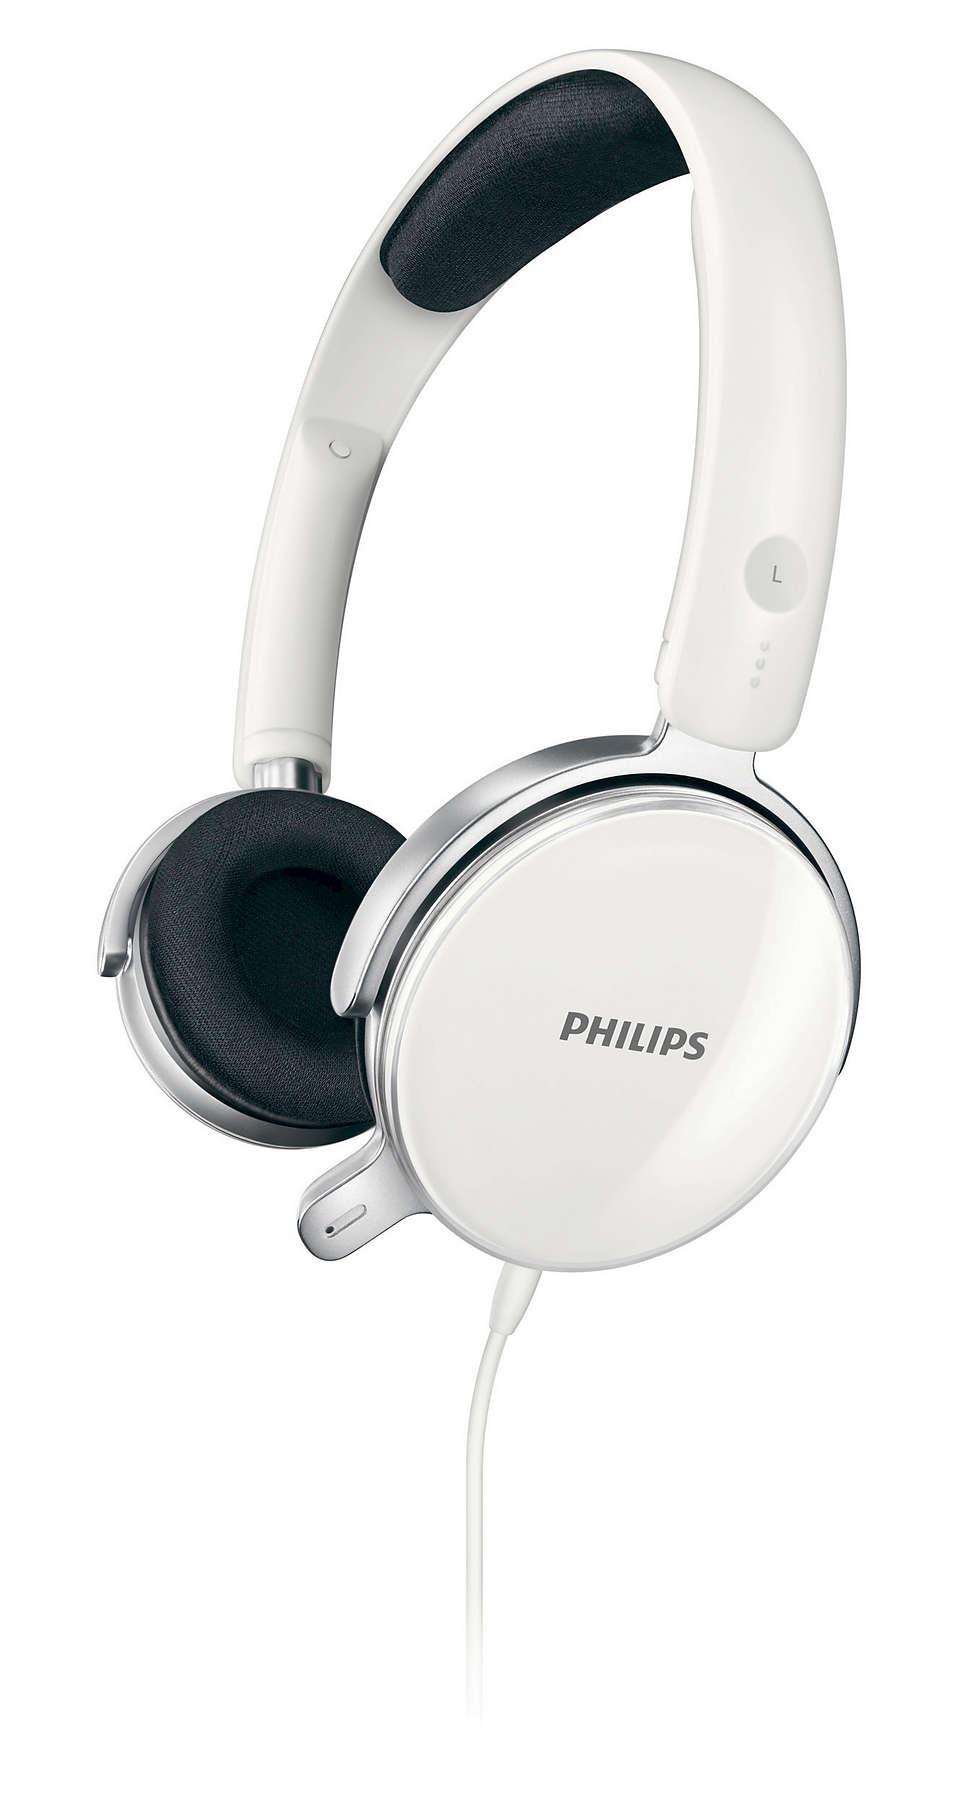 Aanpasbare PC-headset